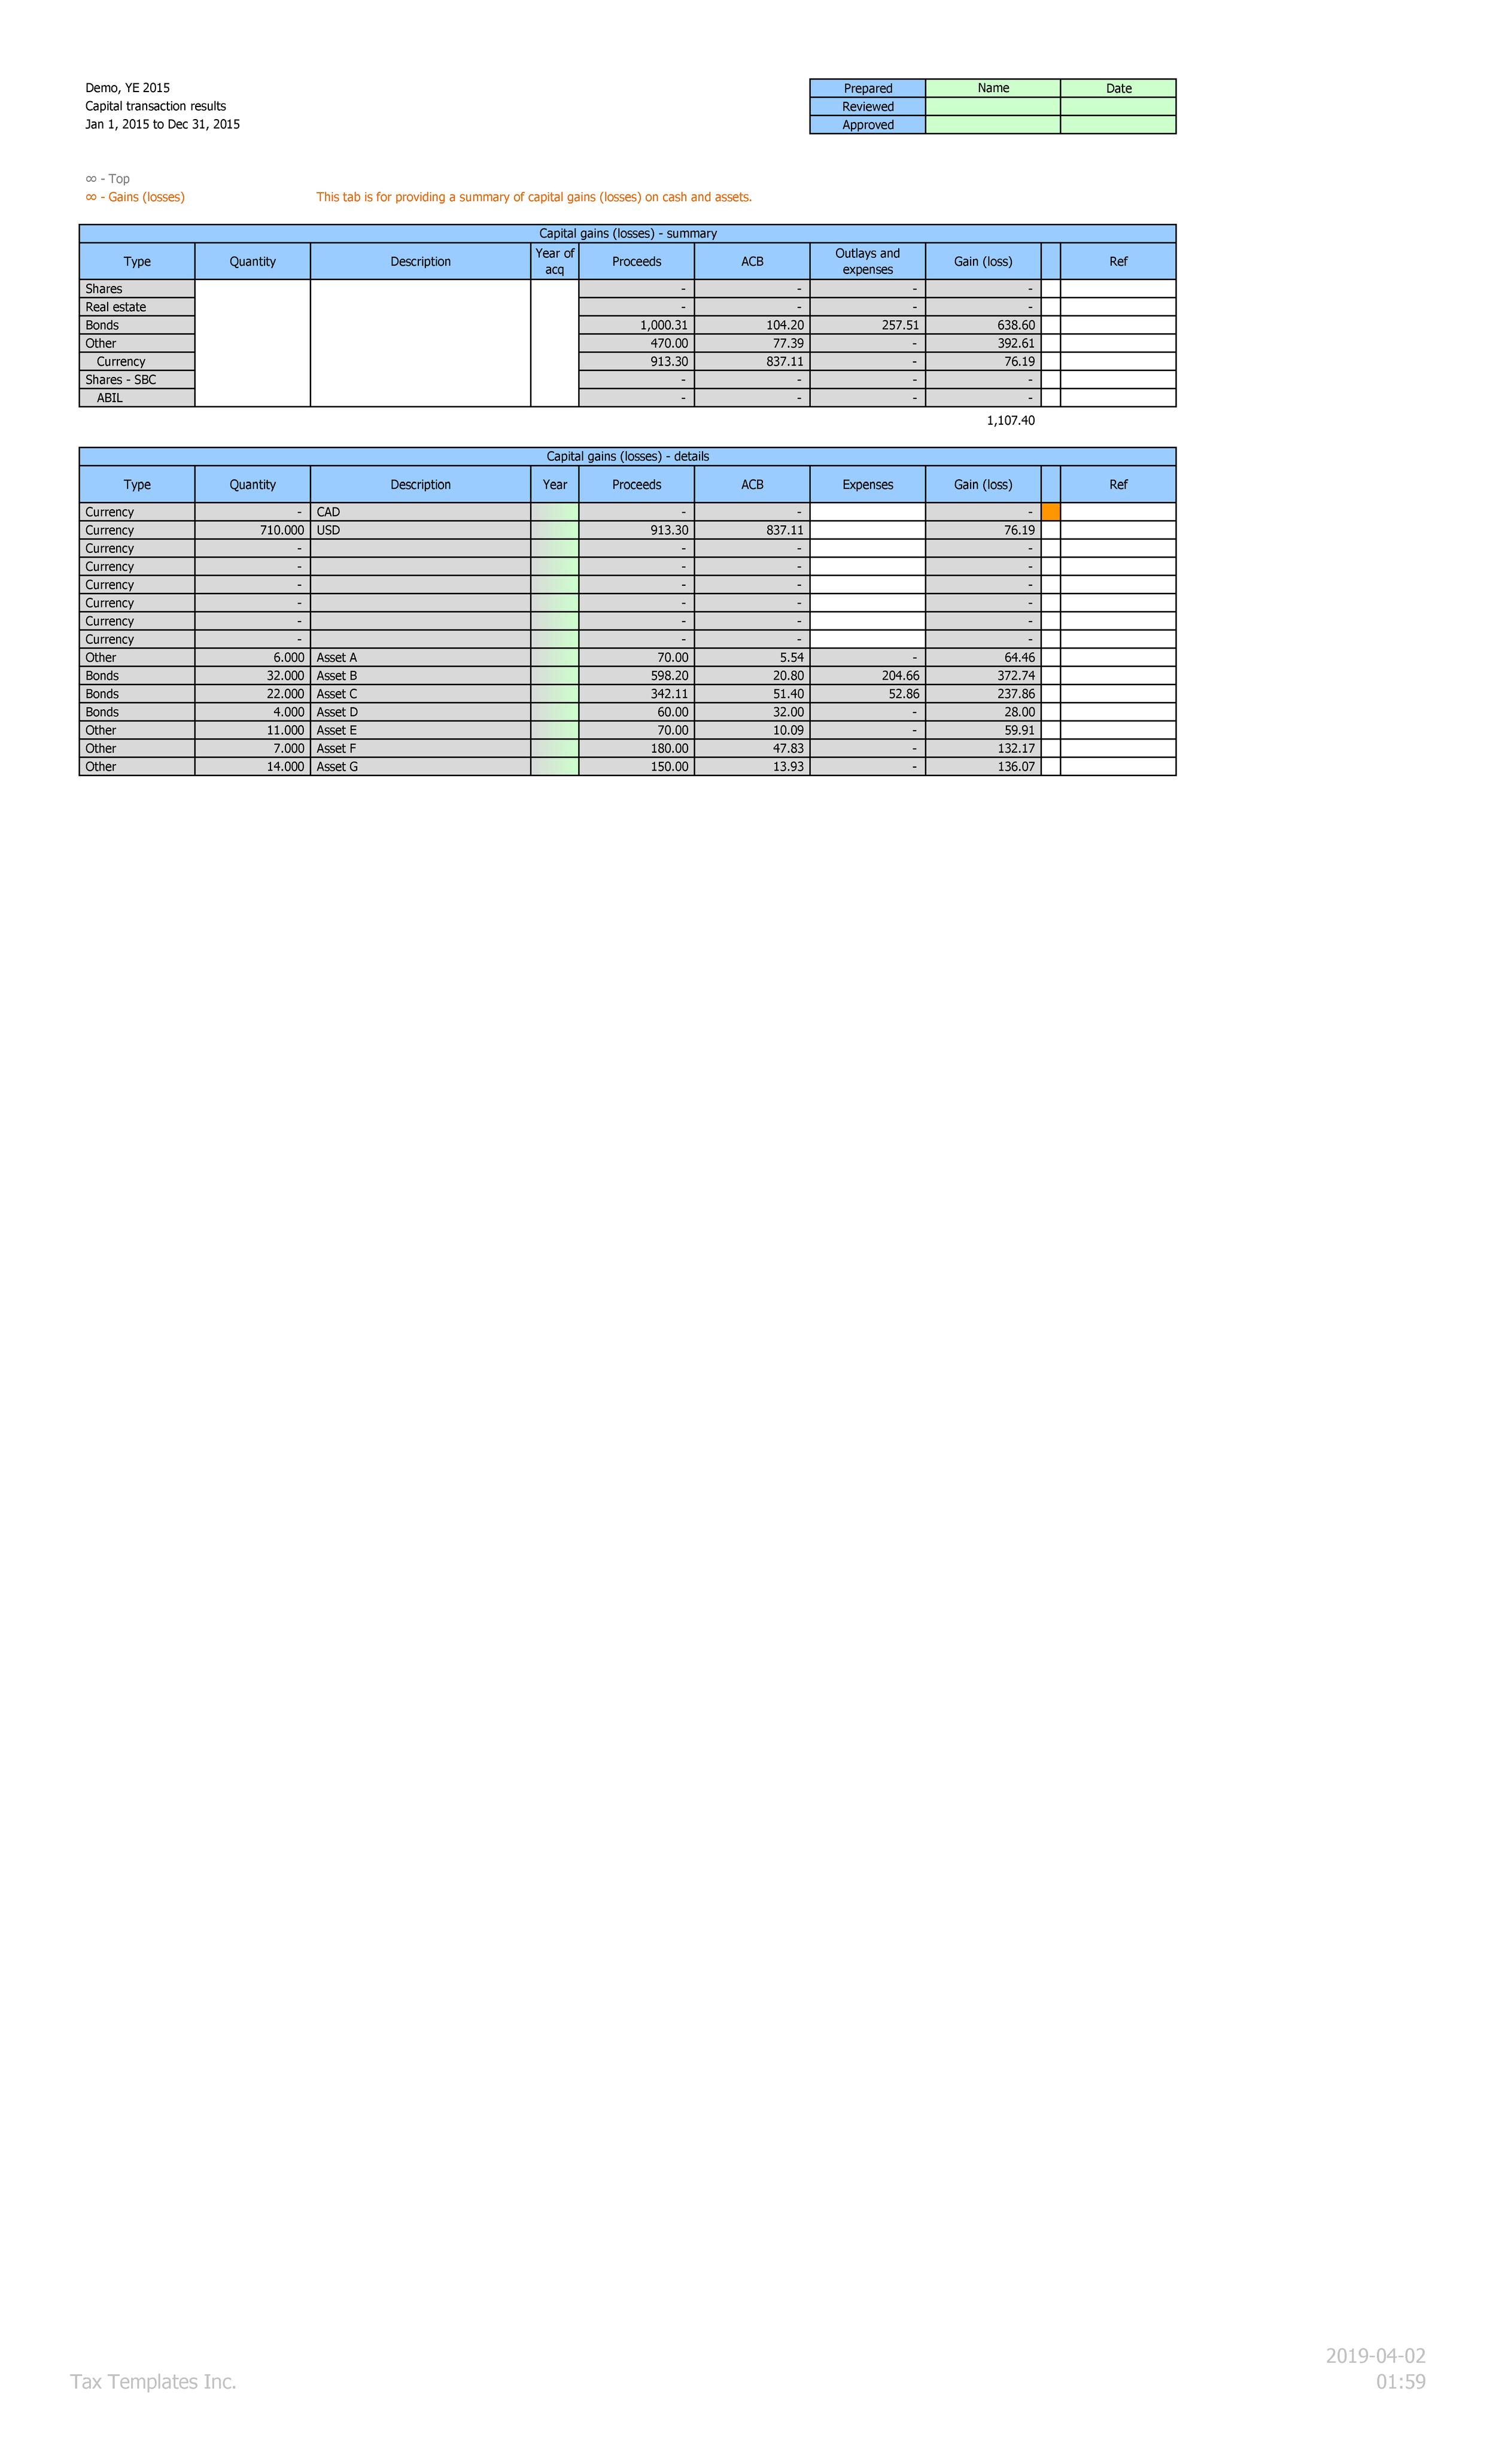 Gain/loss summary